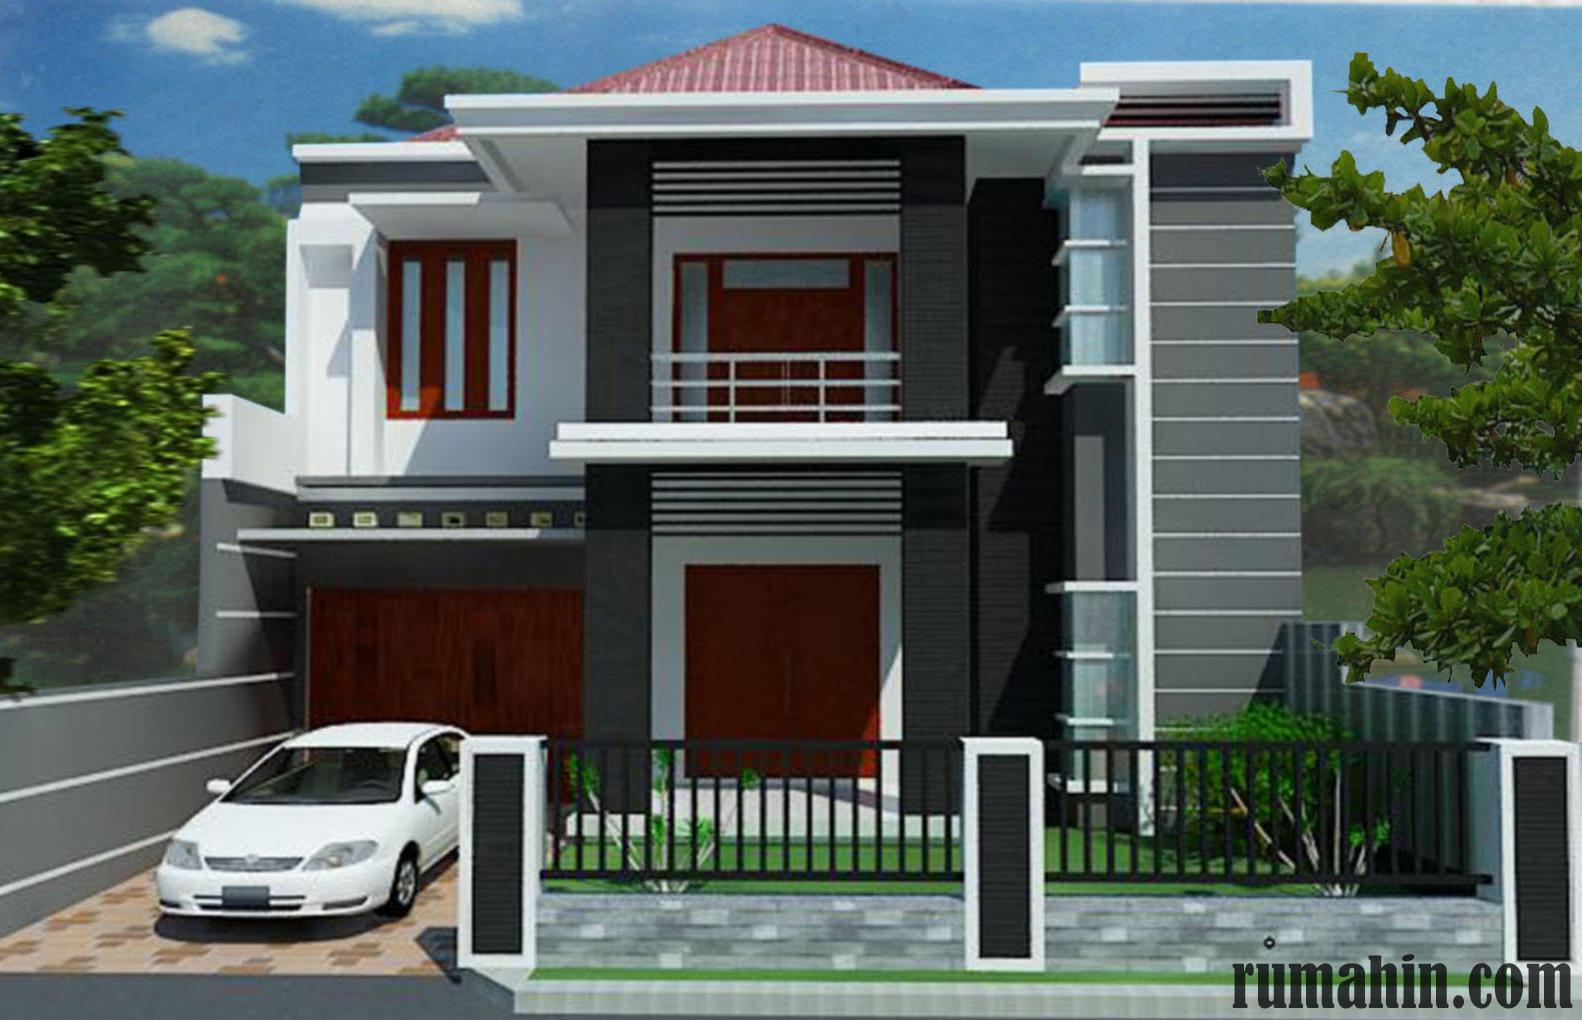 mempercantik eksterior rumah minimalis dengan batu alam